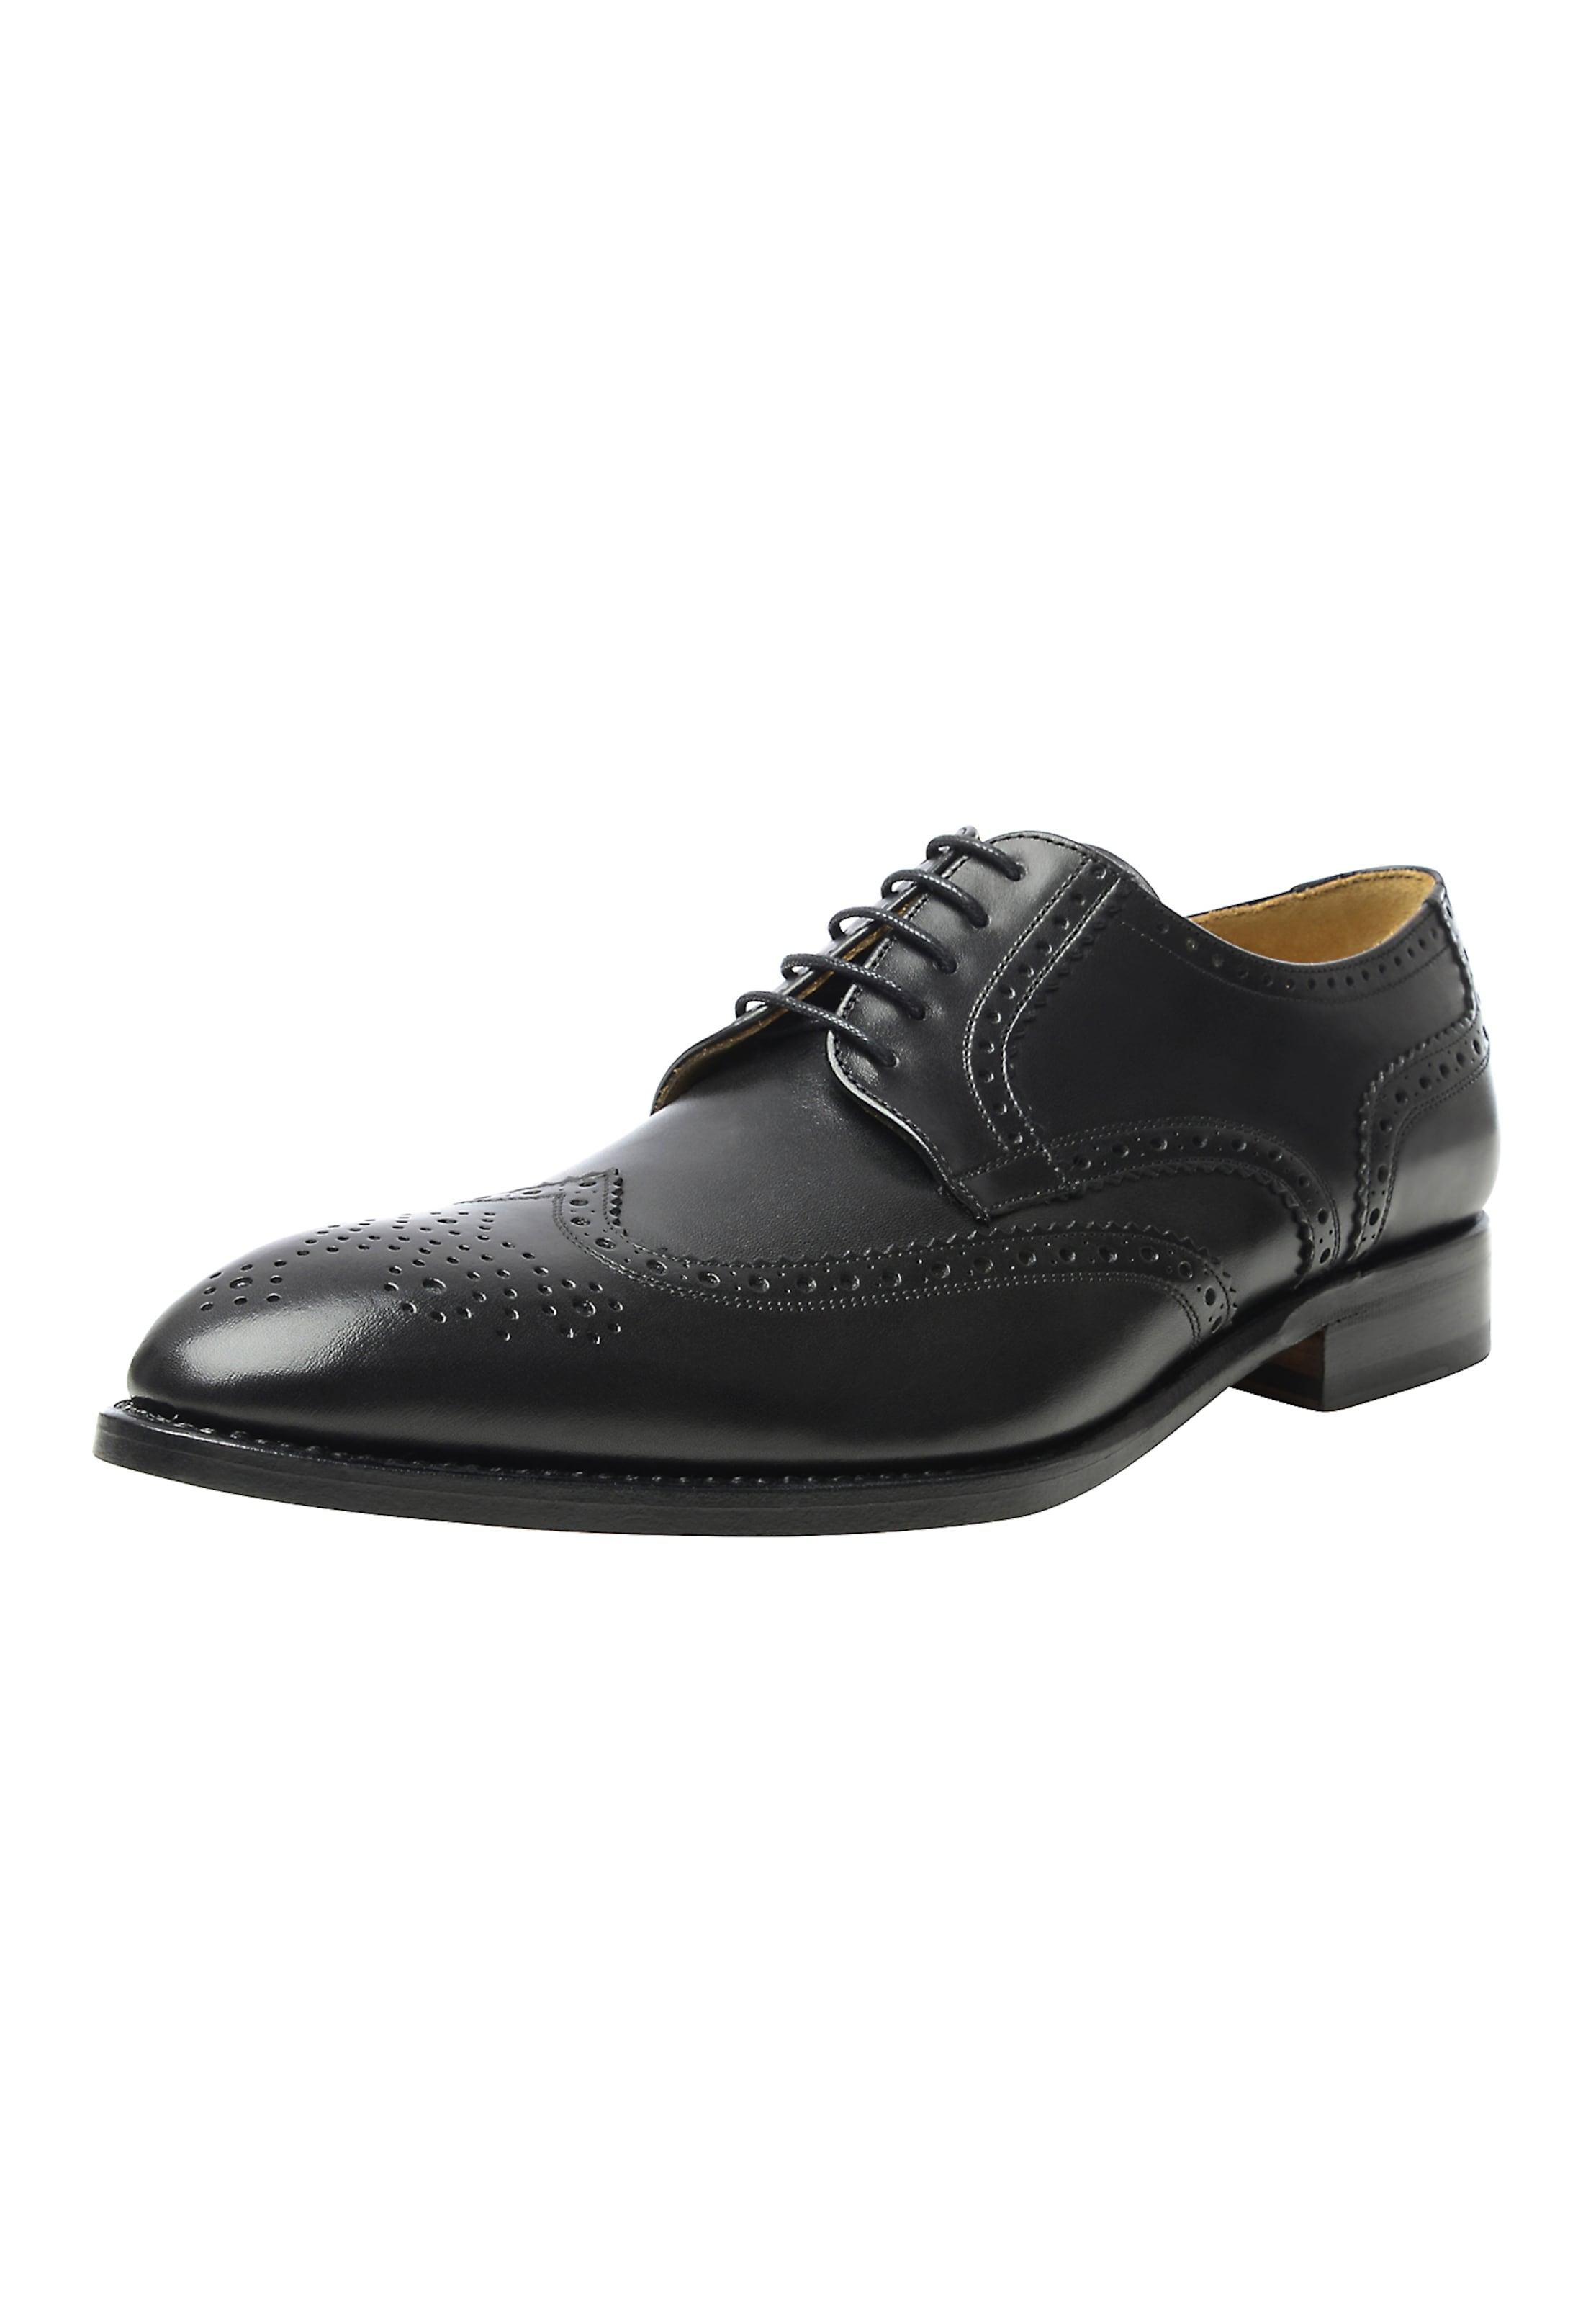 SHOEPASSION Businessschuhe No. 553 Verschleißfeste billige Schuhe